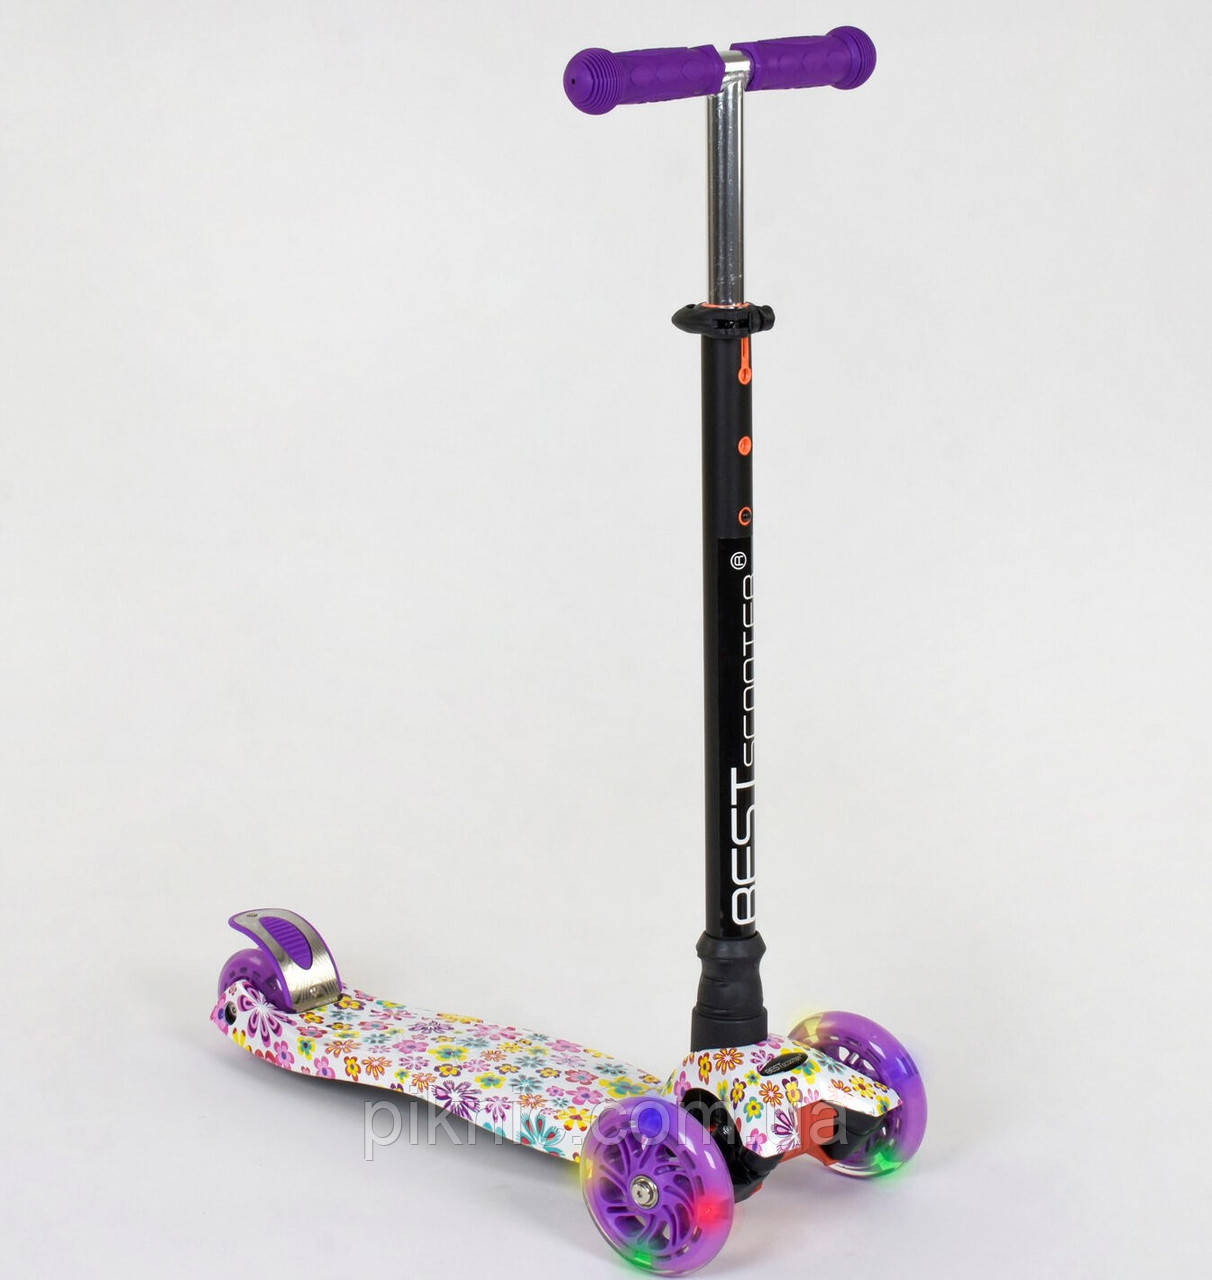 Детский самокат Цветок для девочек 3-6 лет, MAXI, 3 колеса свет, PU, трубка руля алюминиевая. Фиолетовый